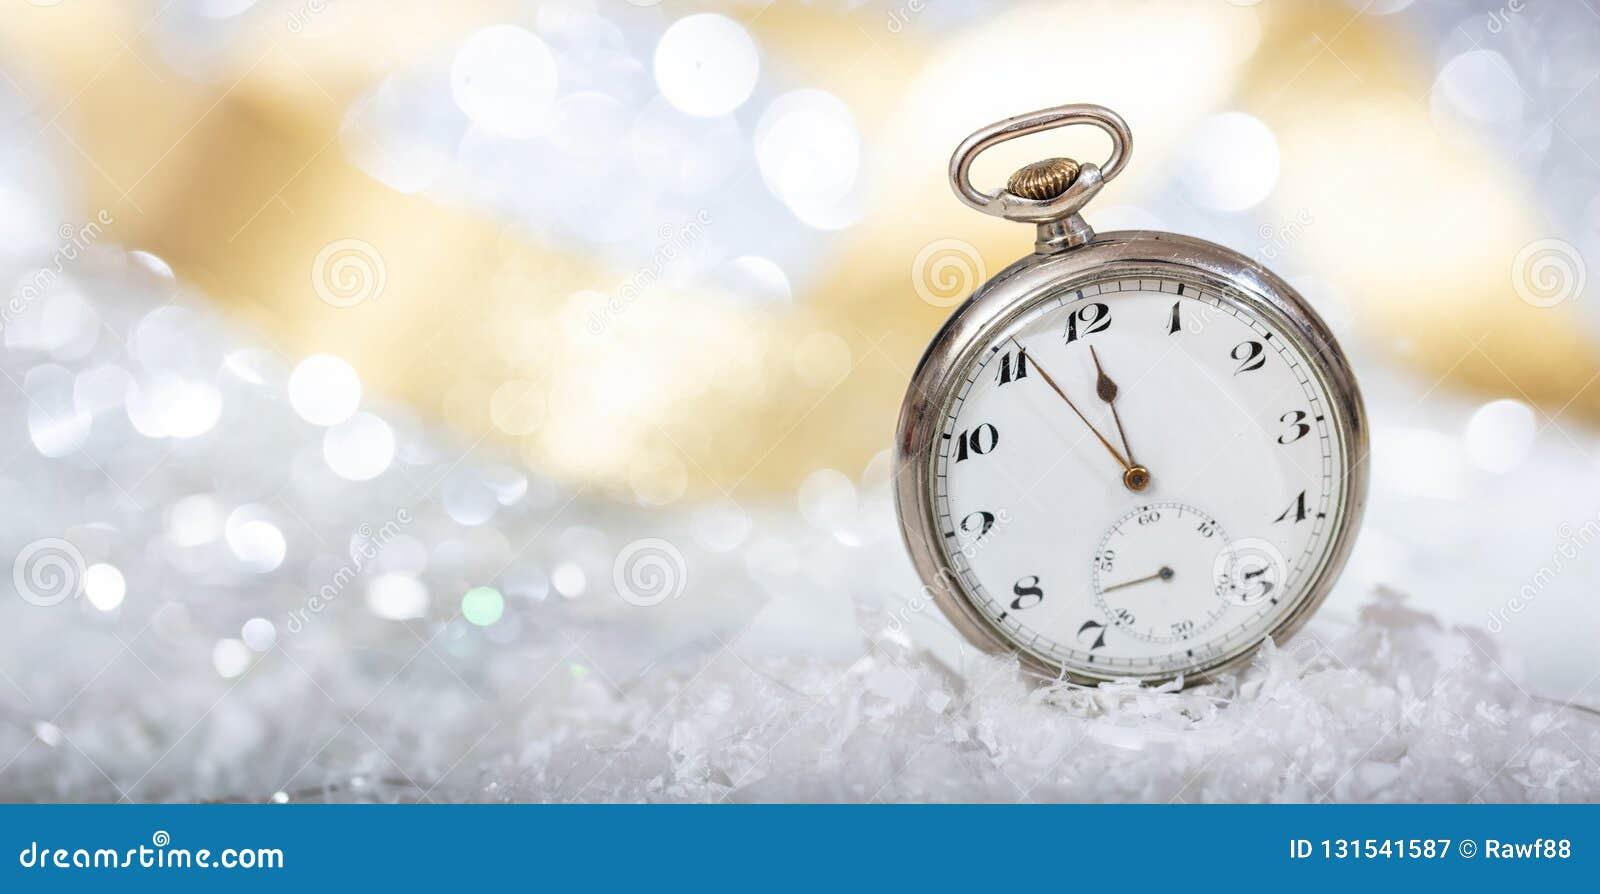 Nuovi anni di conto alla rovescia di vigilia Resoconto alla mezzanotte su un vecchio orologio da tasca, fondo del bokeh